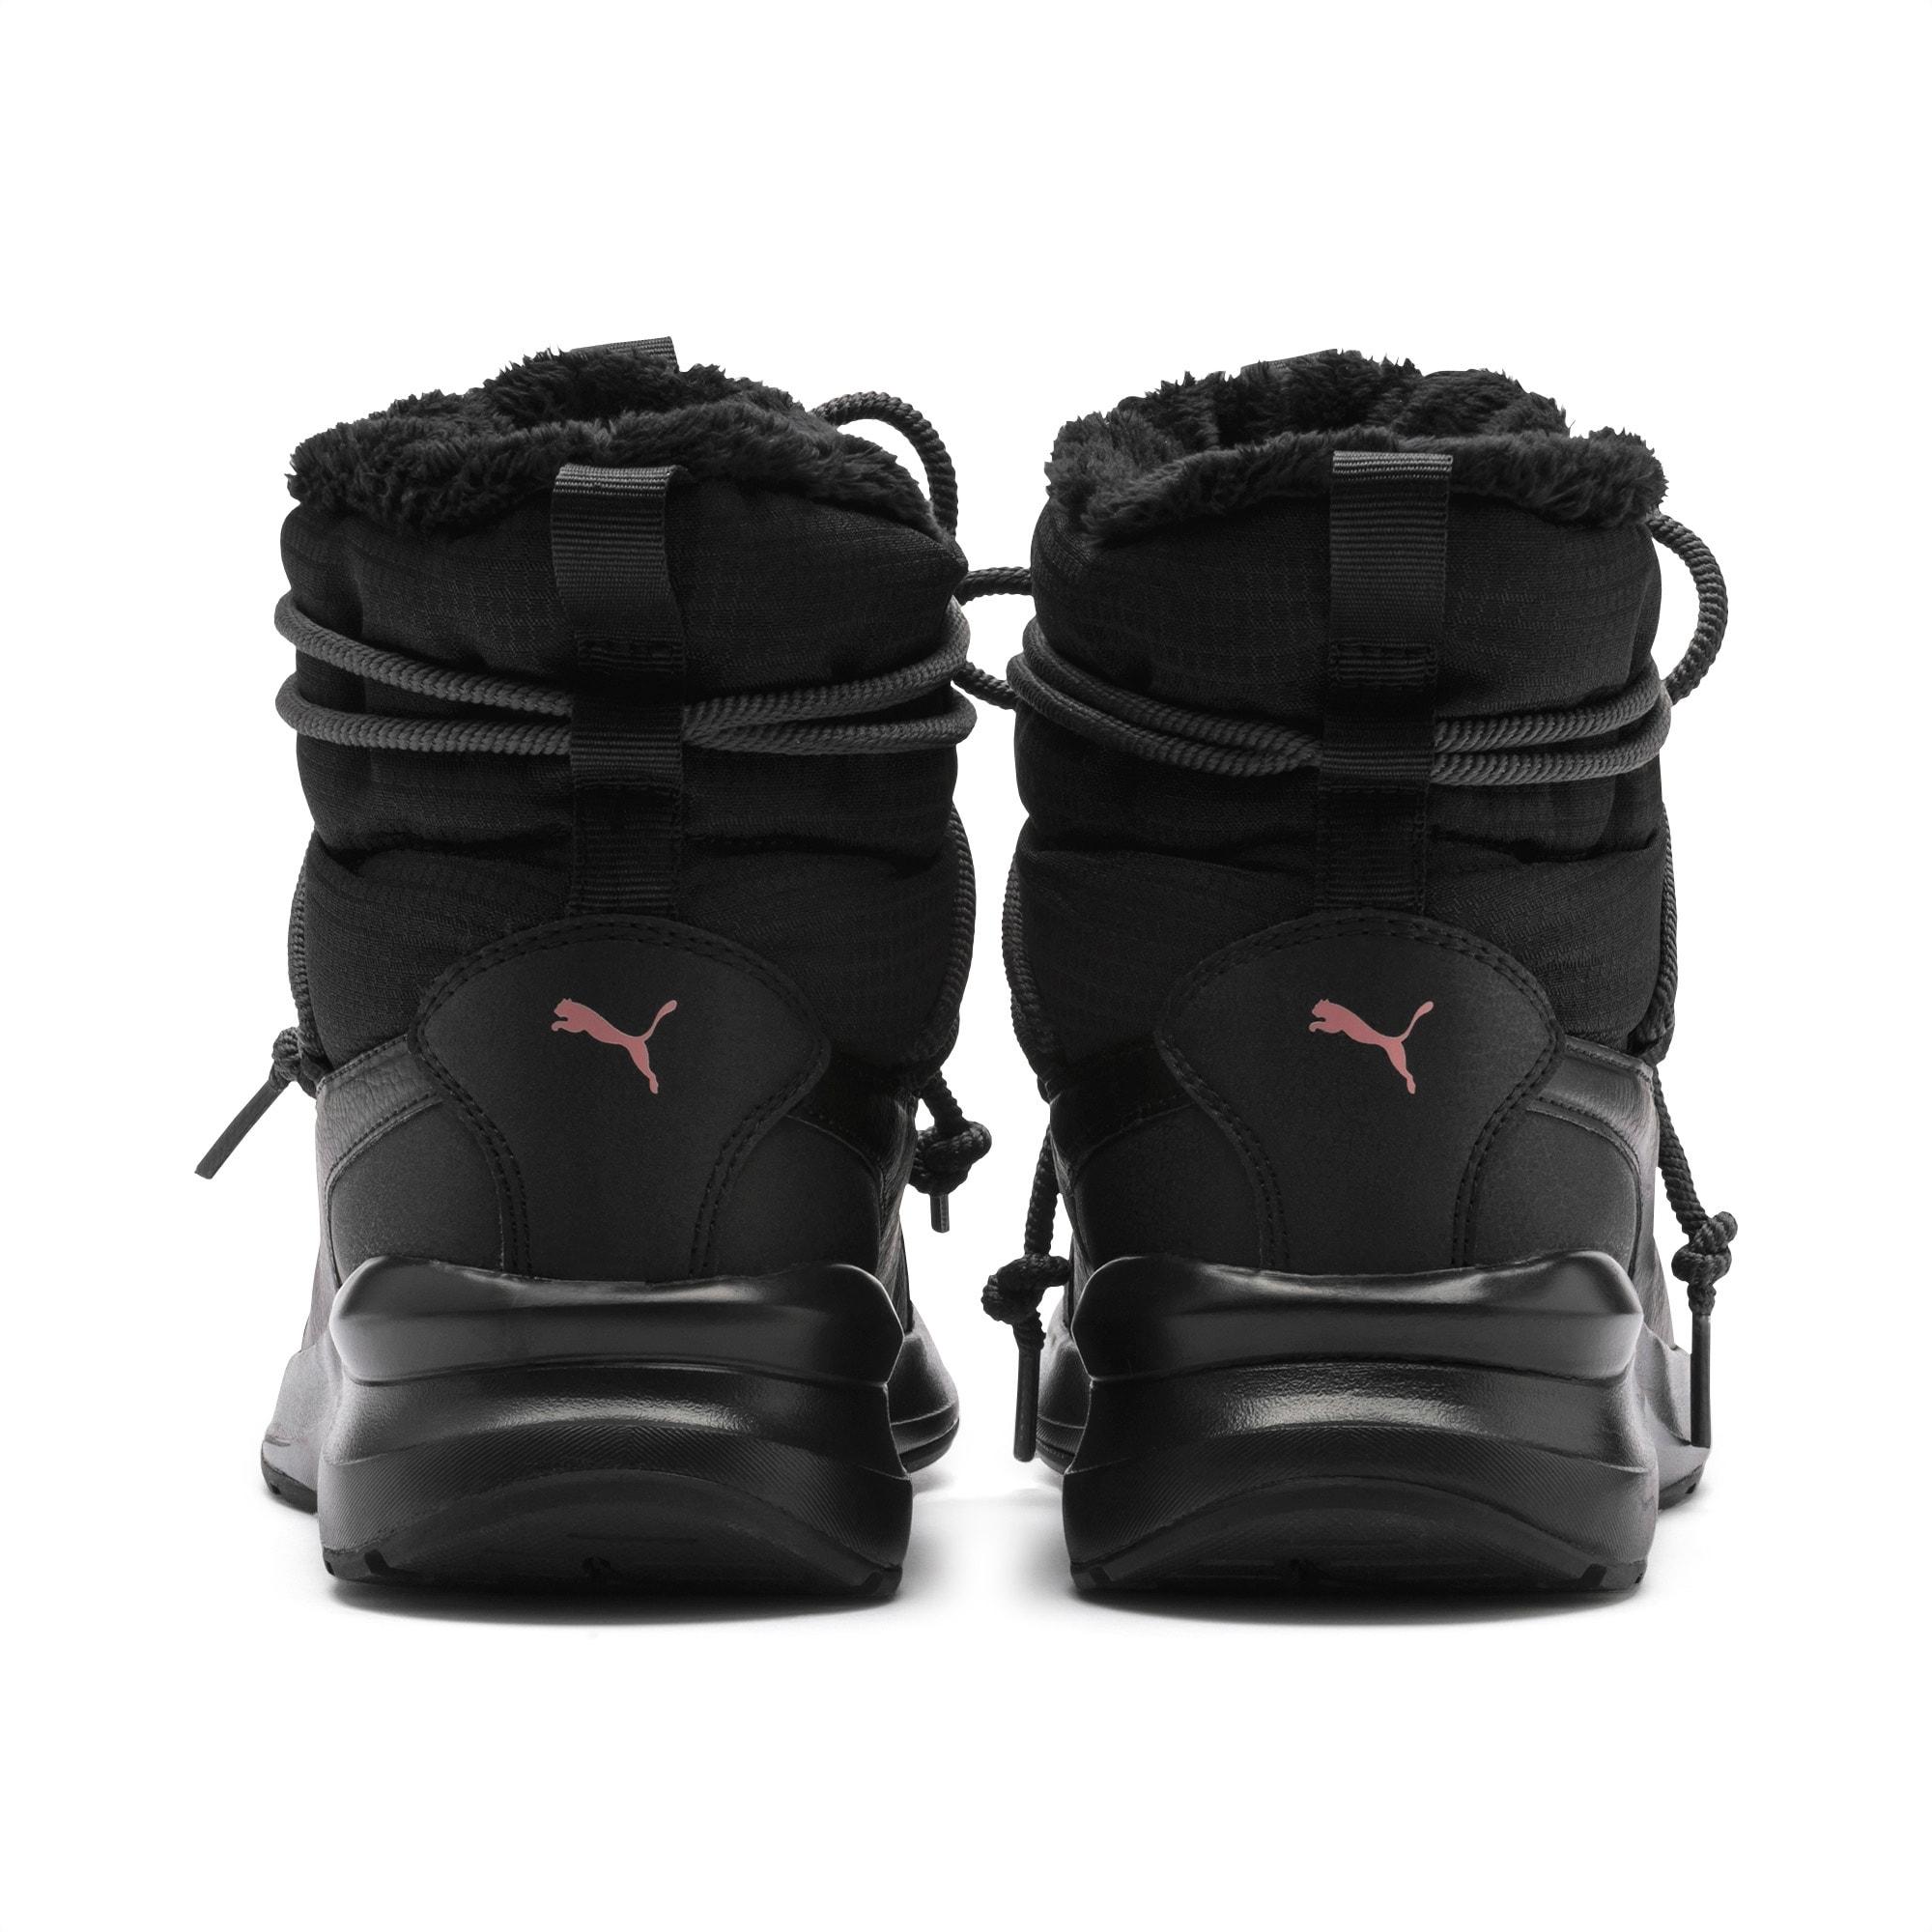 cauta cea mai fină selecție prețuri incredibile Adela Women's Winter Boots | Puma Black-Bridal Rose | PUMA Winter ...